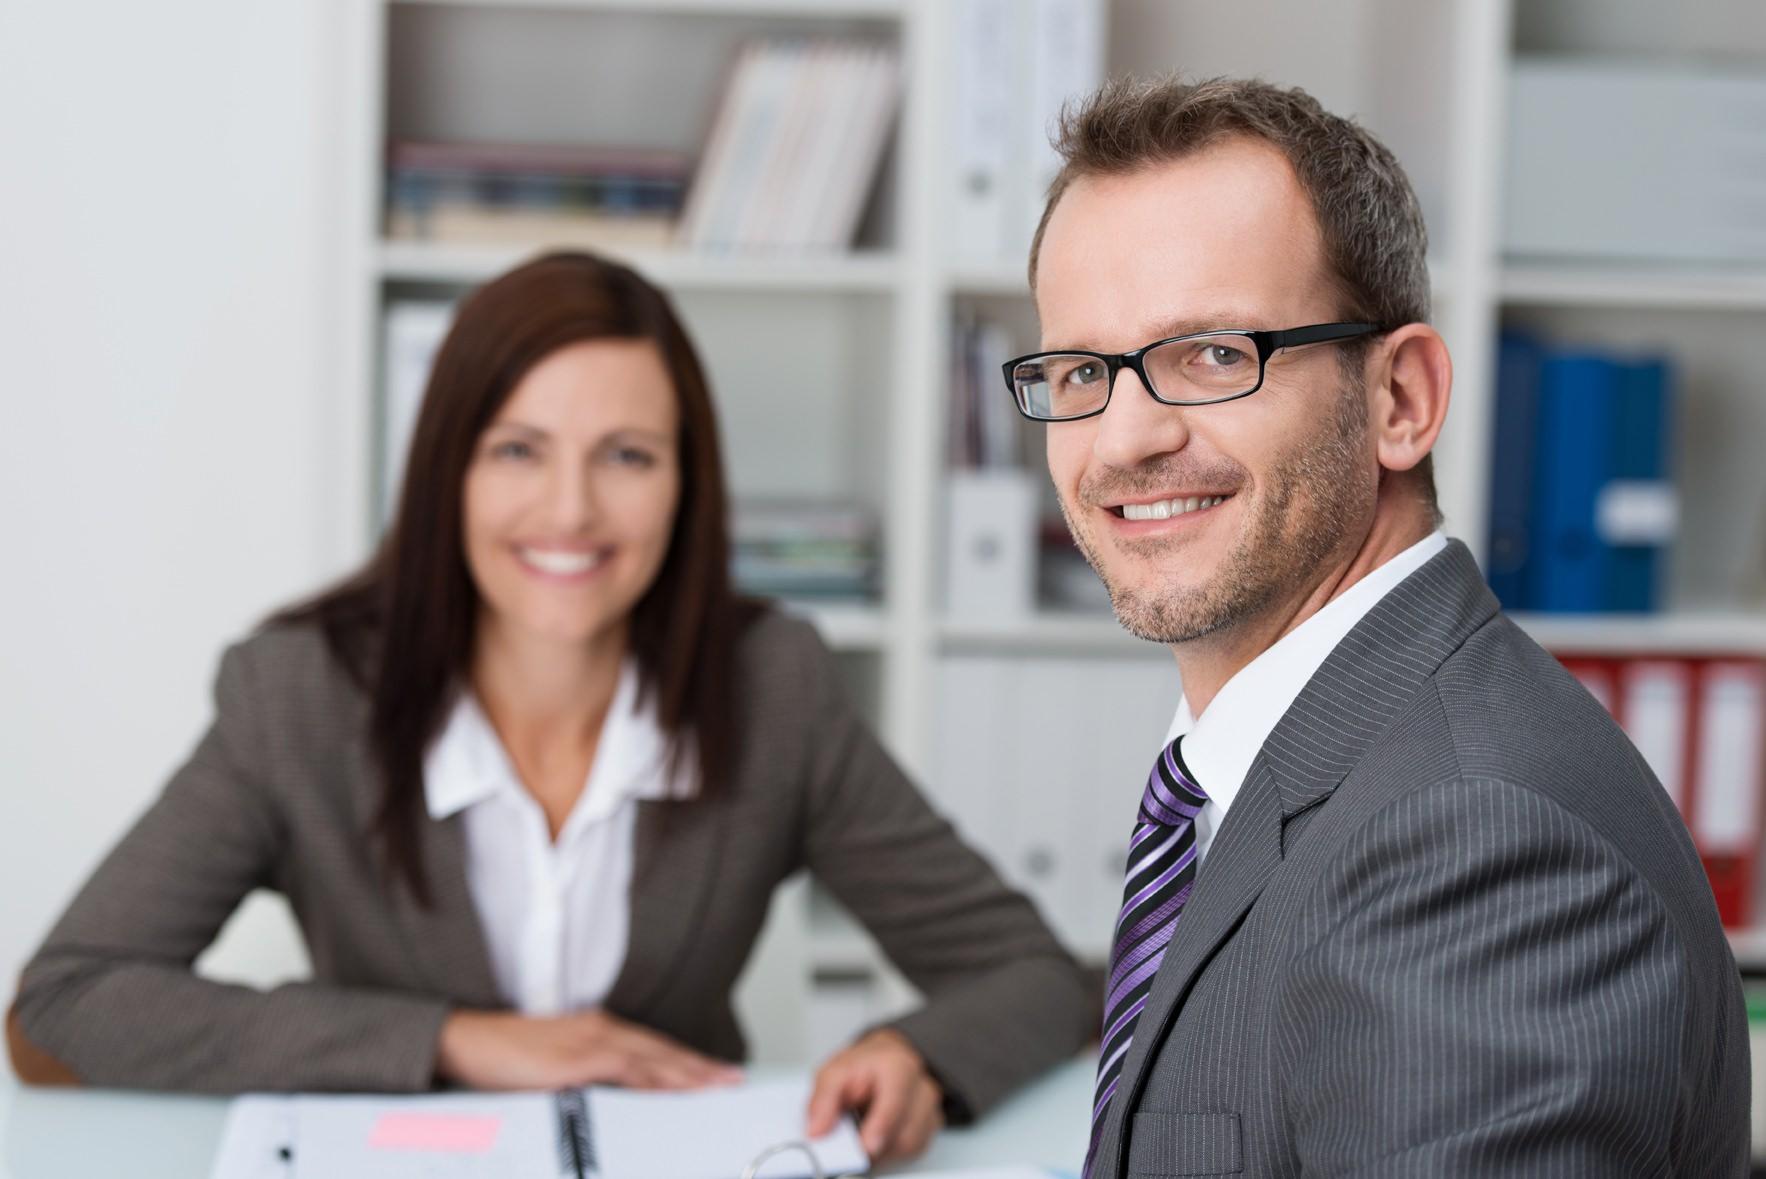 La consulenza finanziaria cos'è: obiettivi, competenze e soluzioni